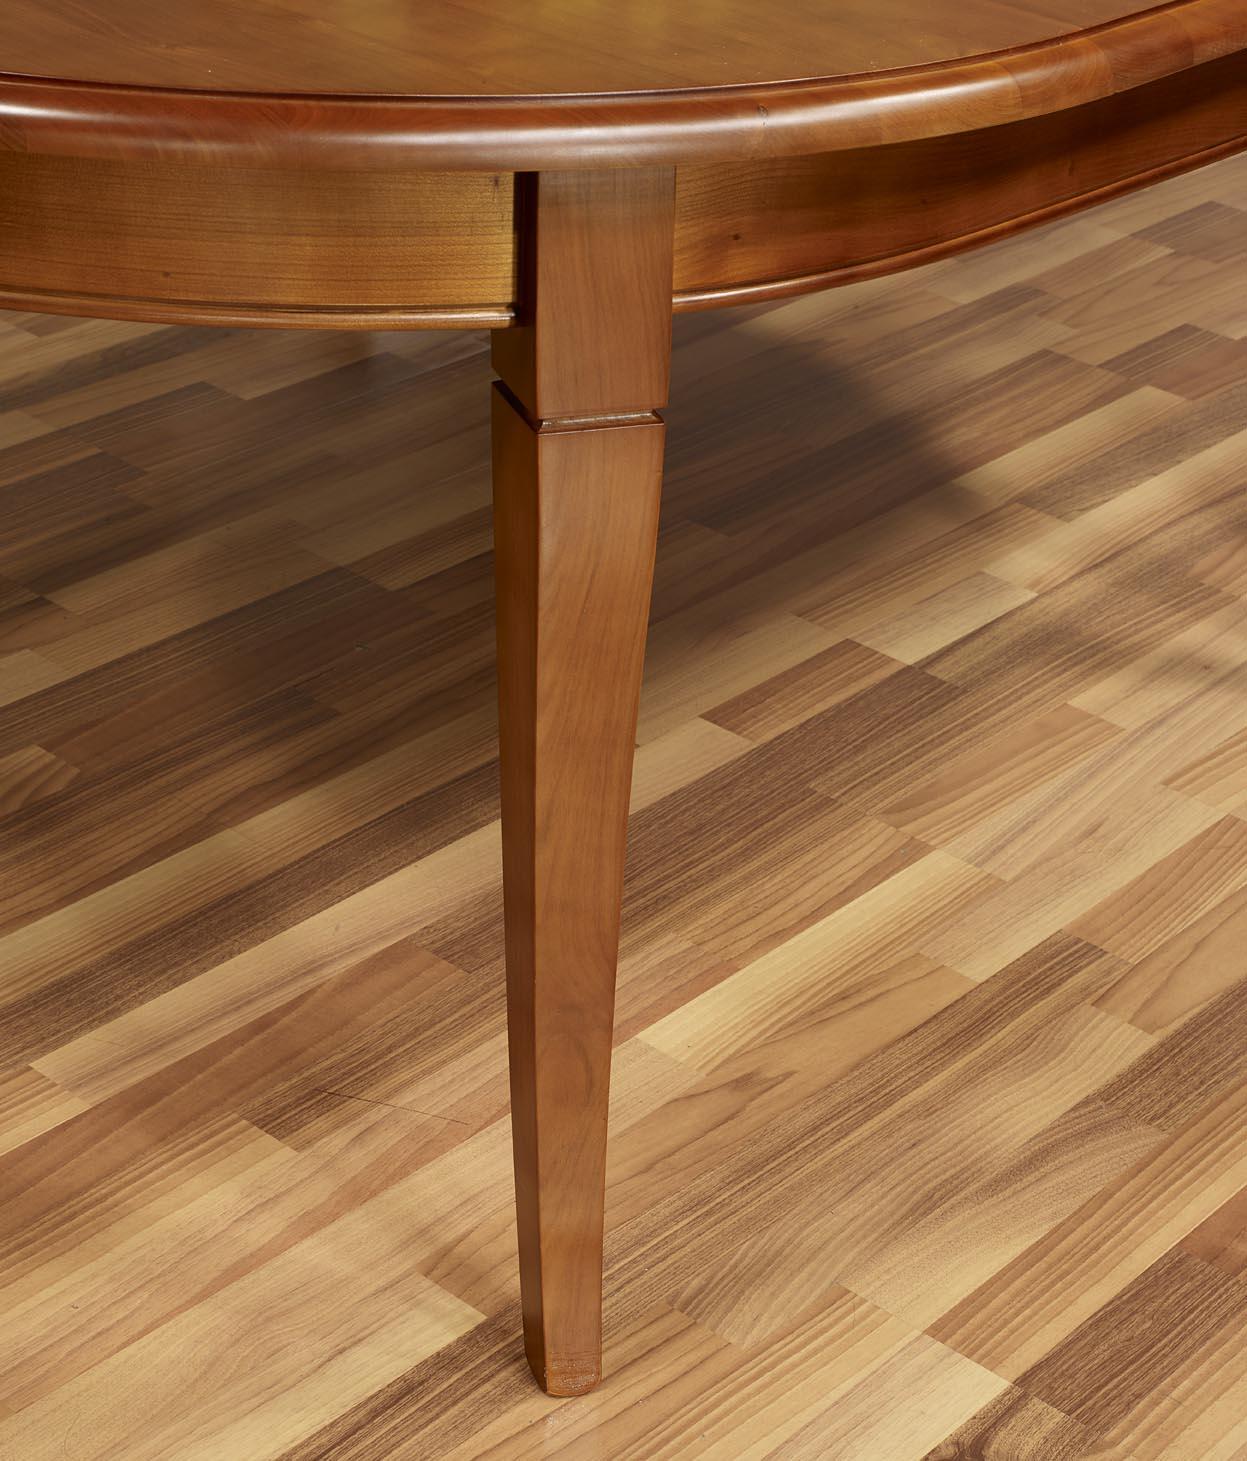 Table ovale constance 180 120 en merisier massif de style for Table bois massif ovale